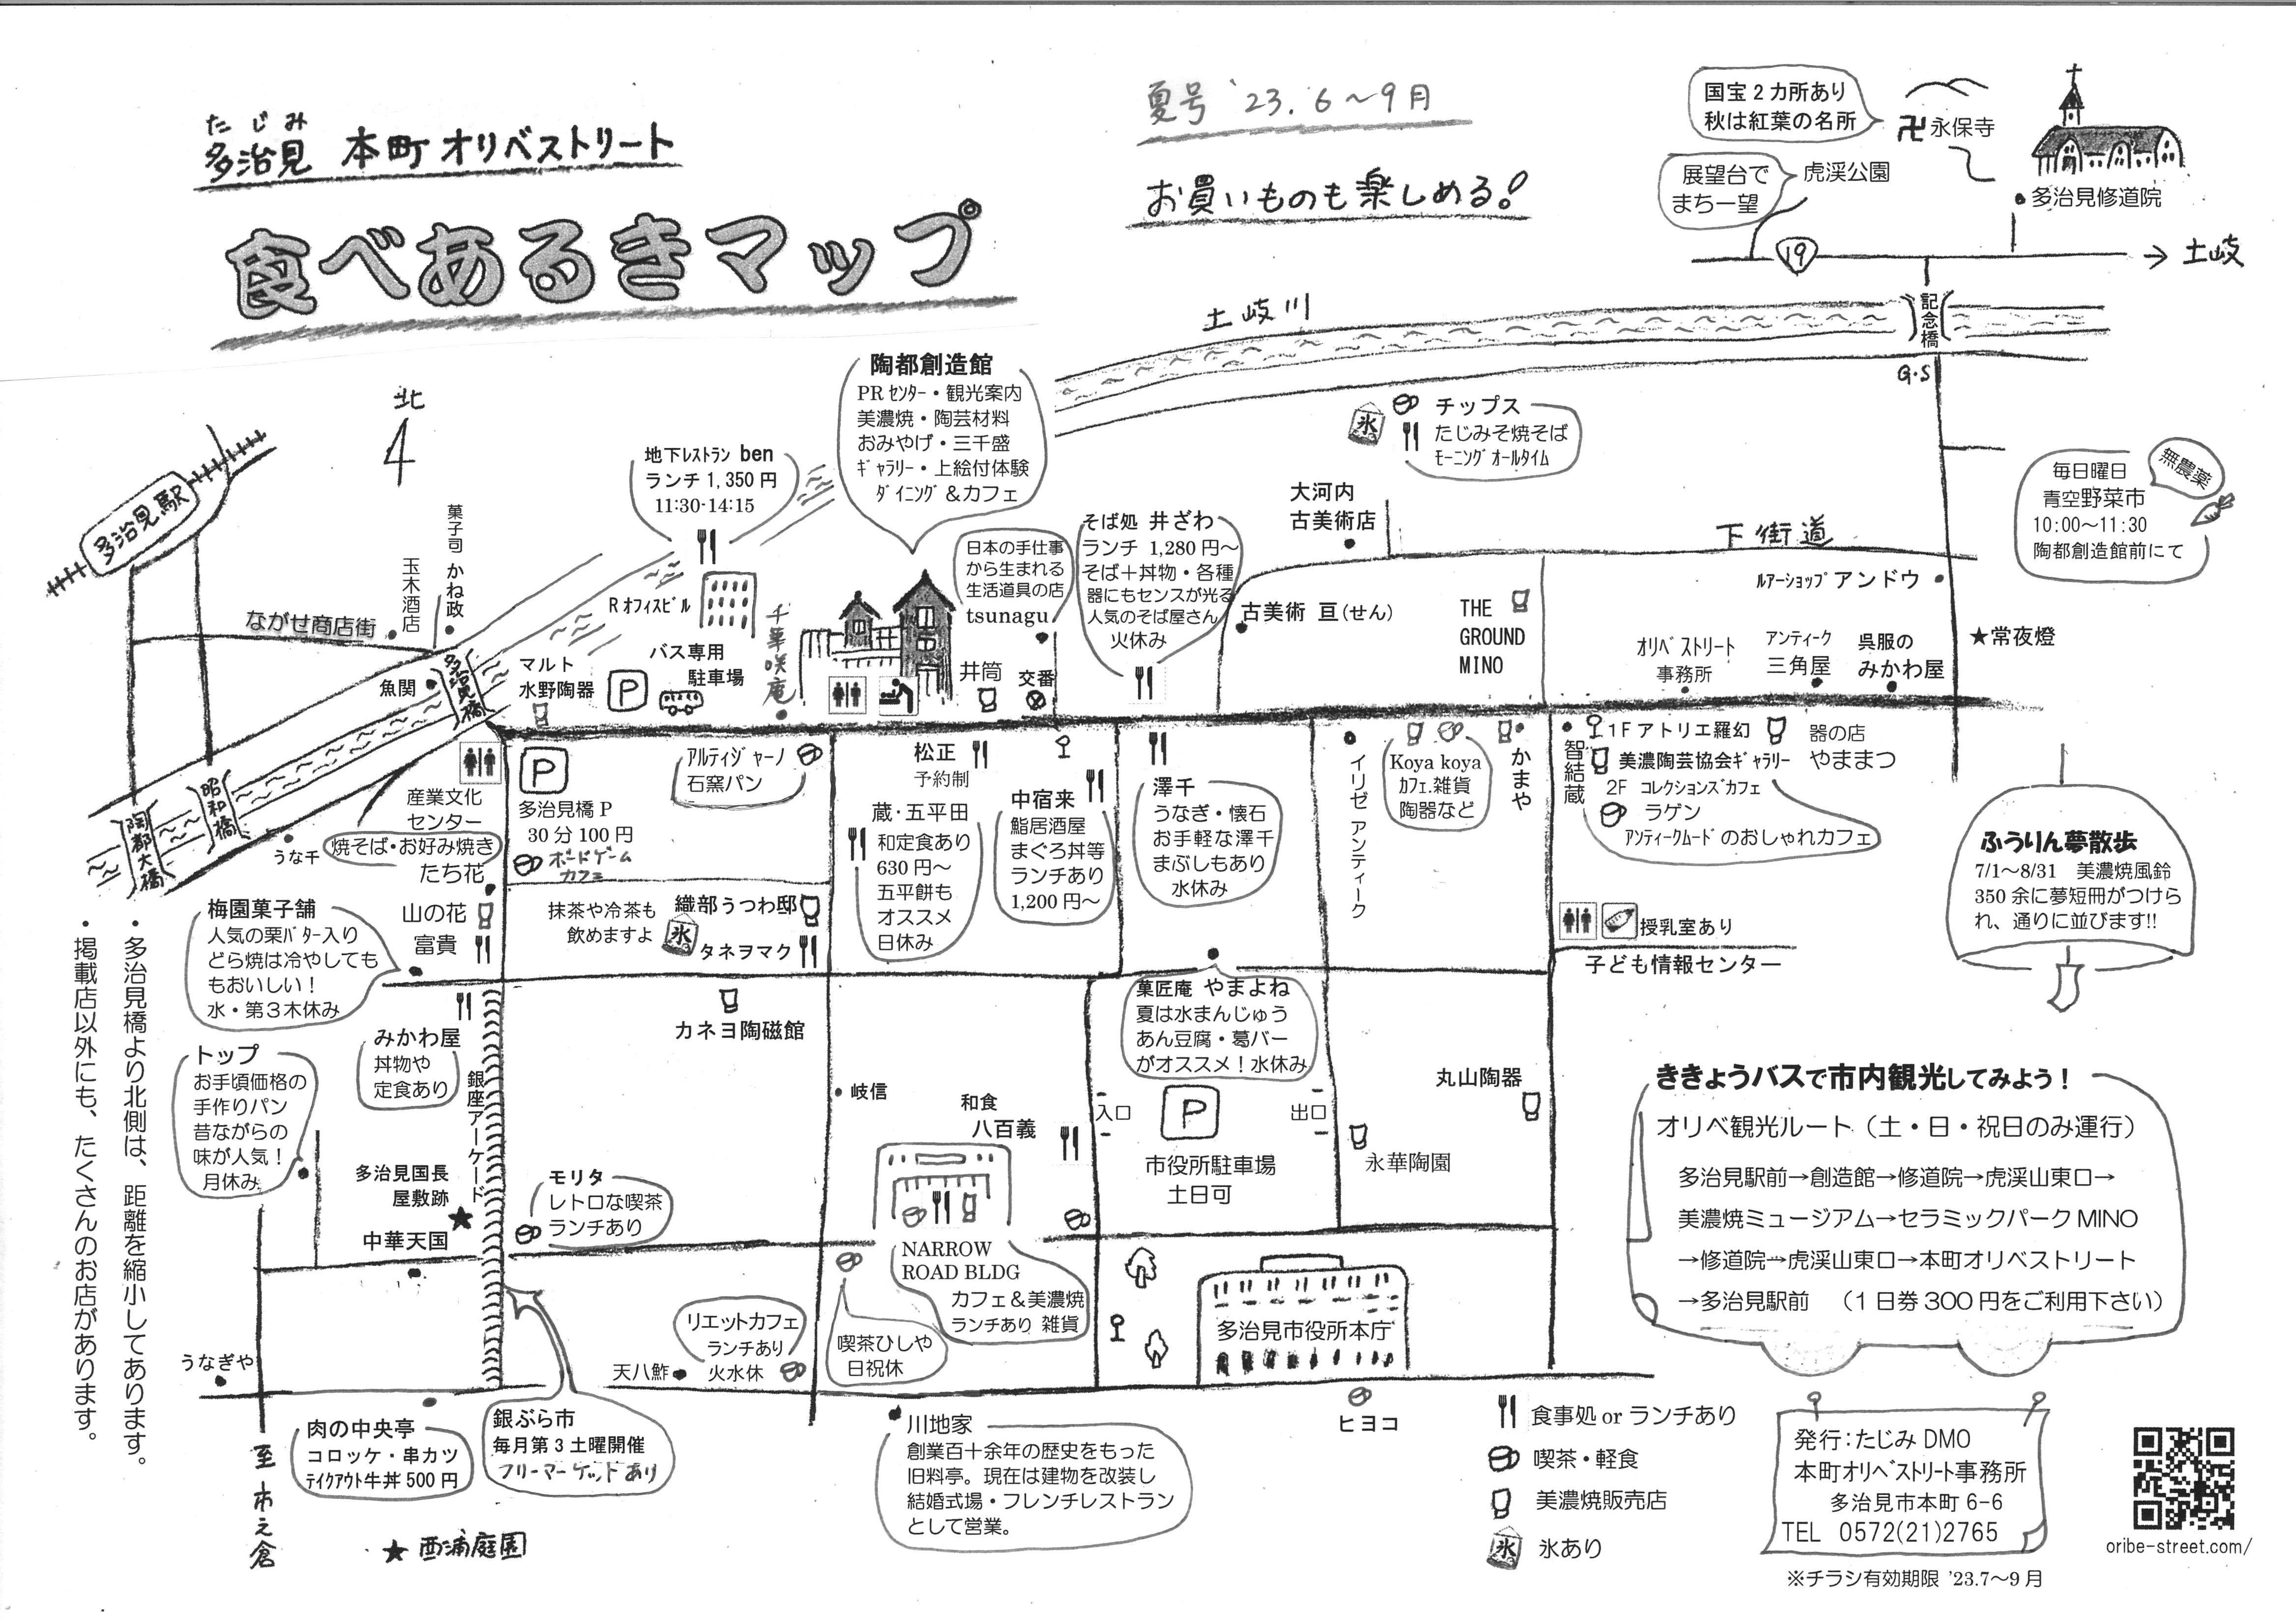 本町オリベストリート,食べあるきマップ ,Tajimi,HonmachiOribeStreet,多治見,ランチ,カフェ